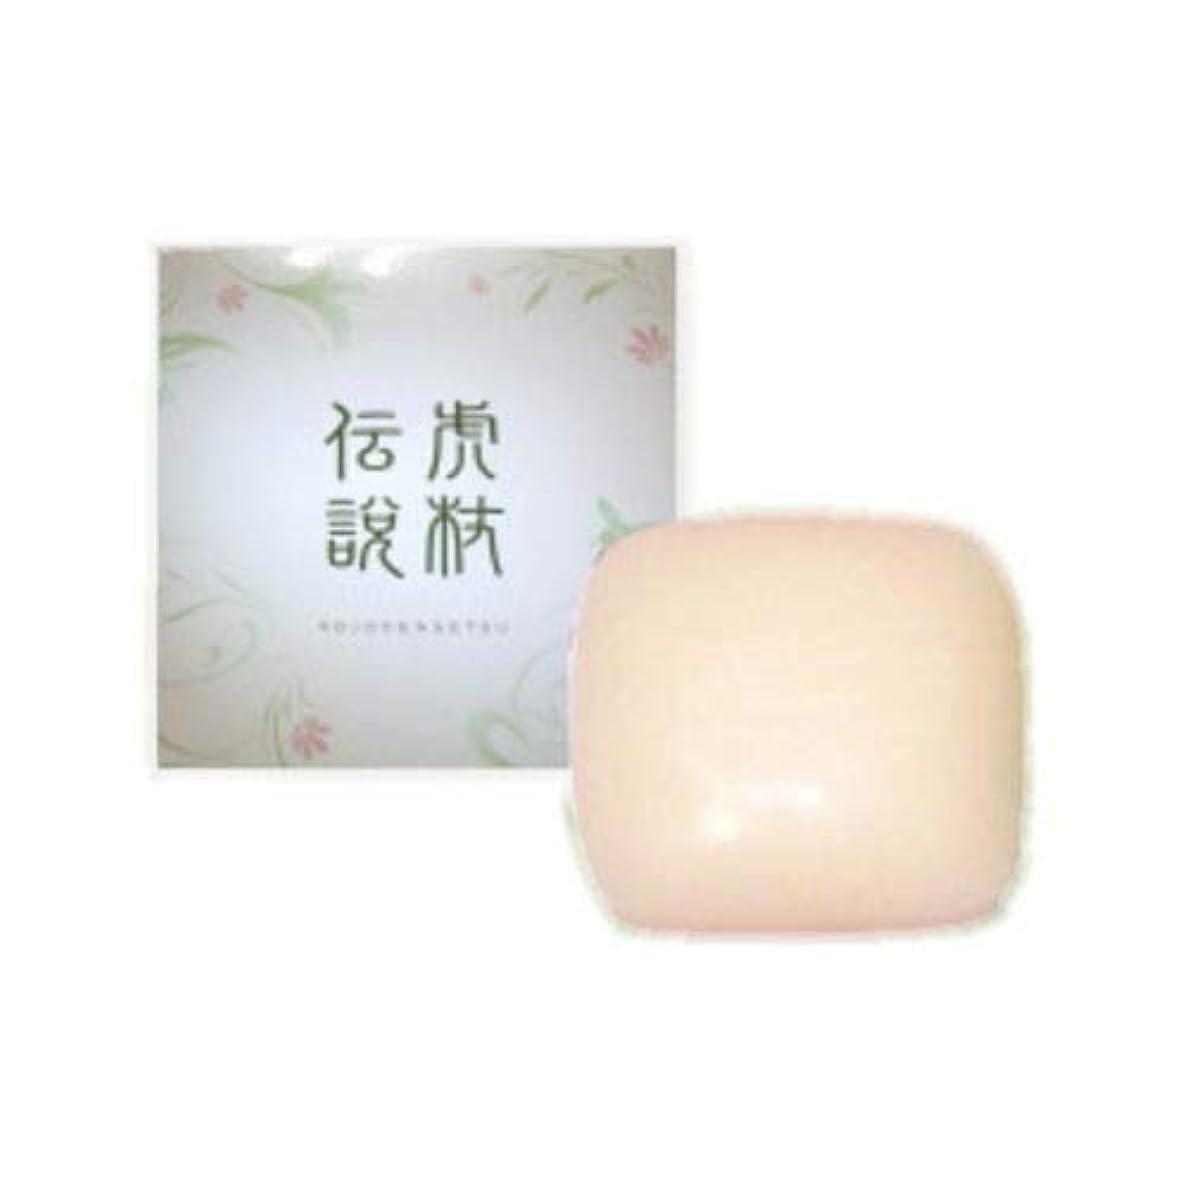 クリック閉塞膿瘍虎杖伝説石鹸 90g